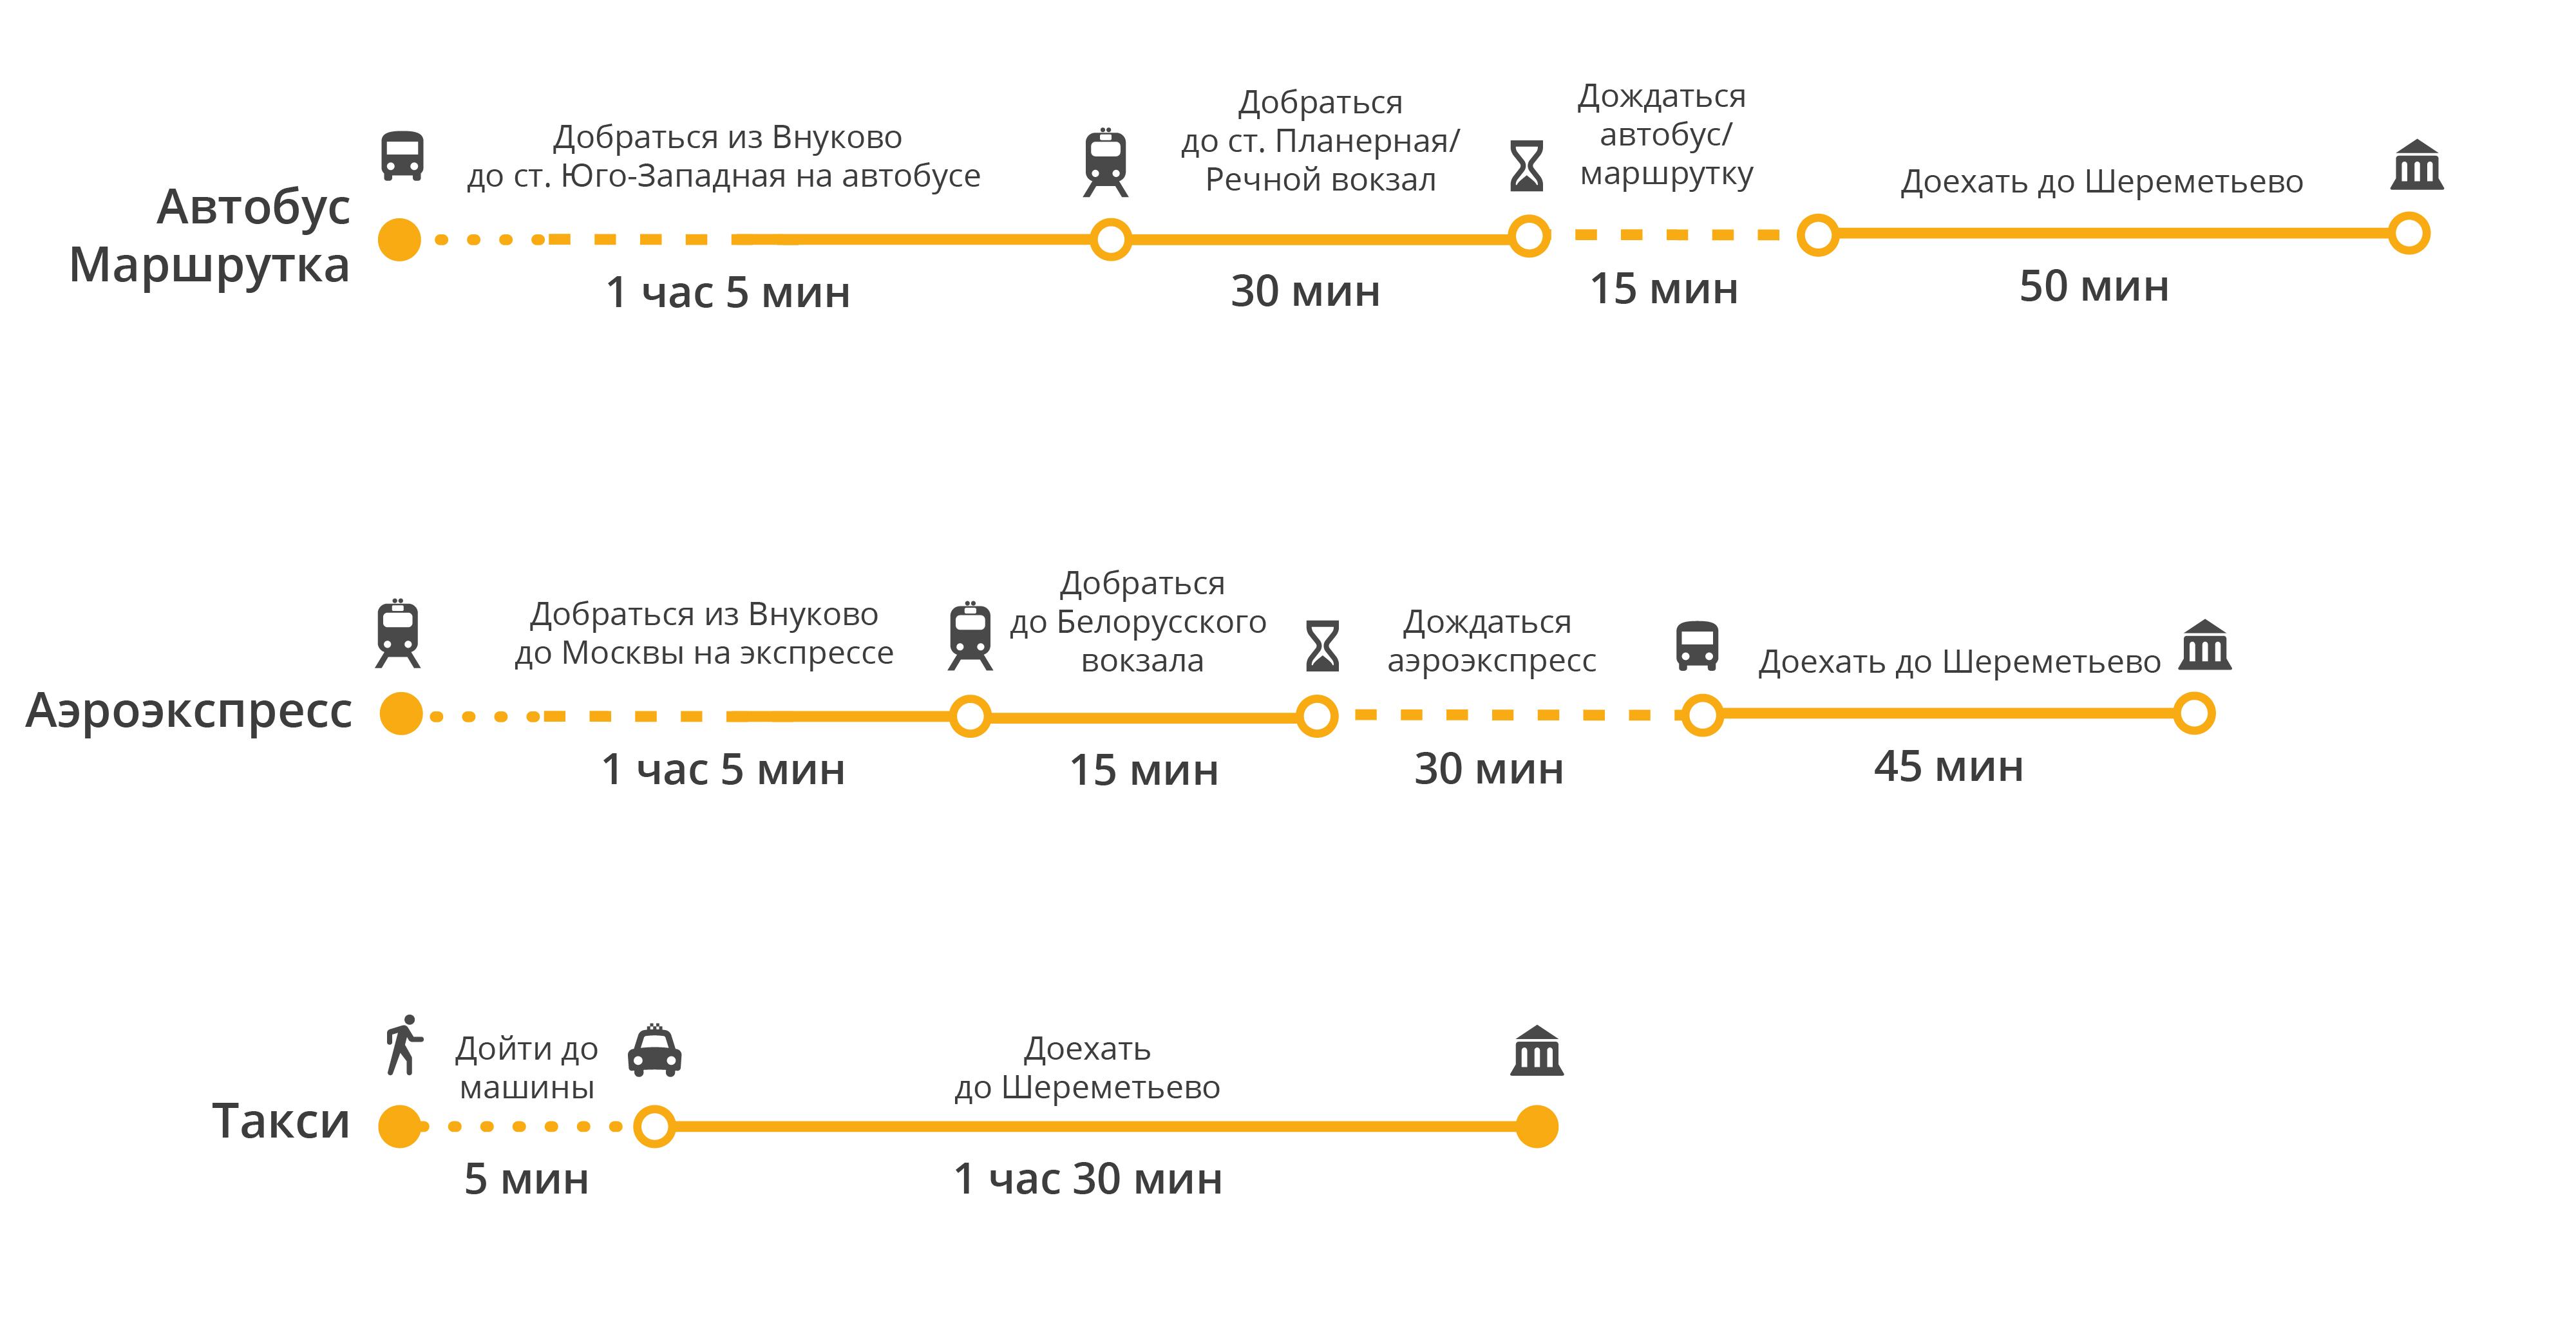 Схема проезда от аэропорта внуково до курского вокзала